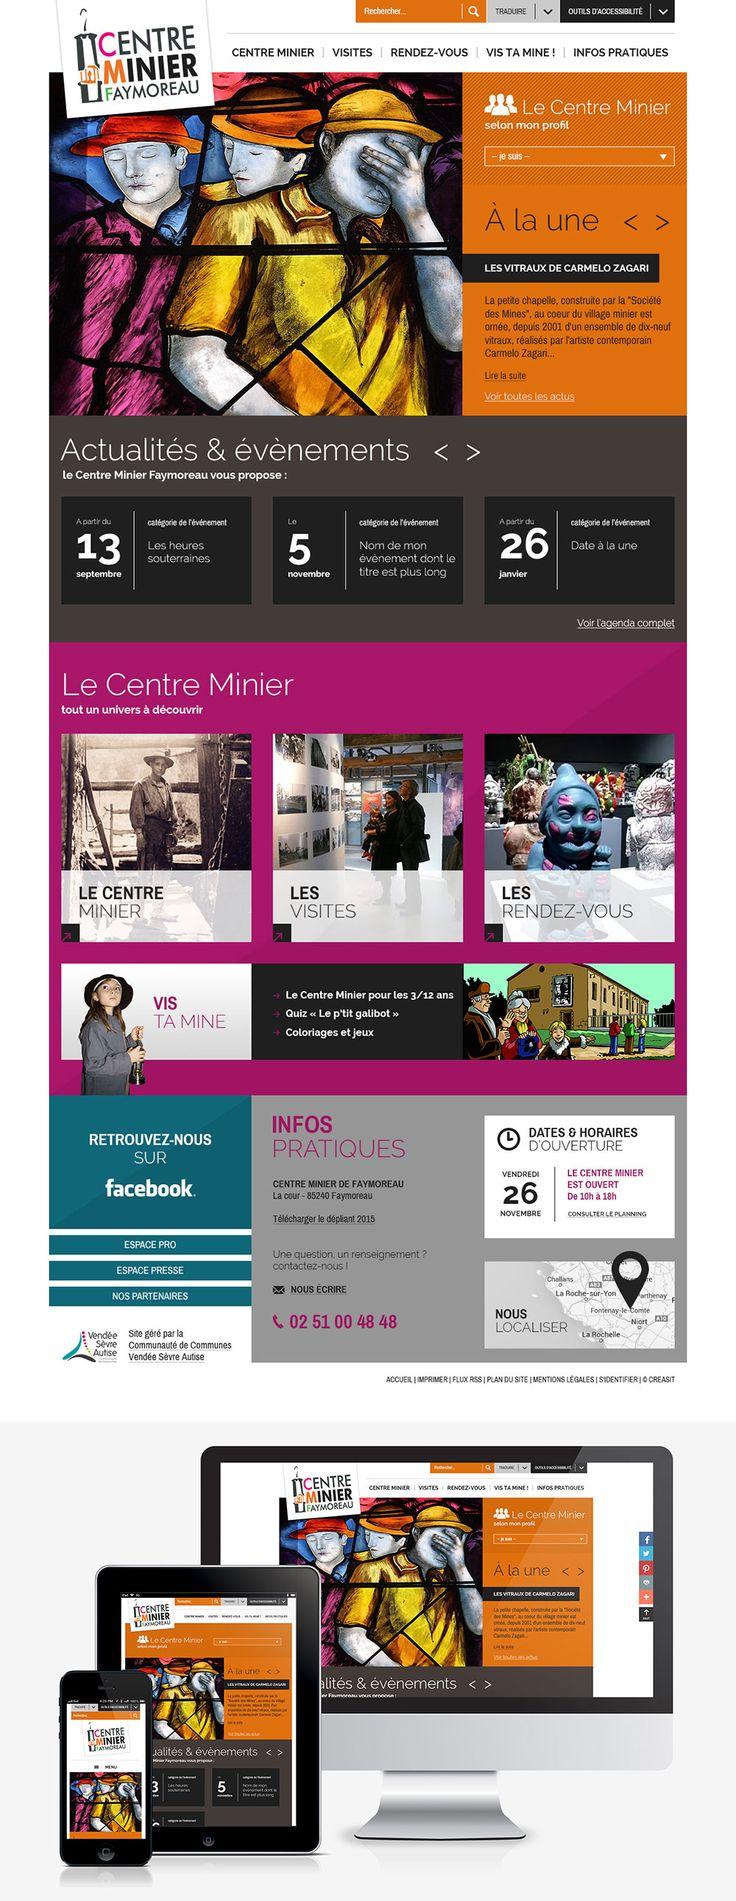 #Webdesign #Responsive #Tourisme : création du site internet du Centre Minier de Faymoreau en Vendée (85) www.centreminier-vendee.fr by @elysta44